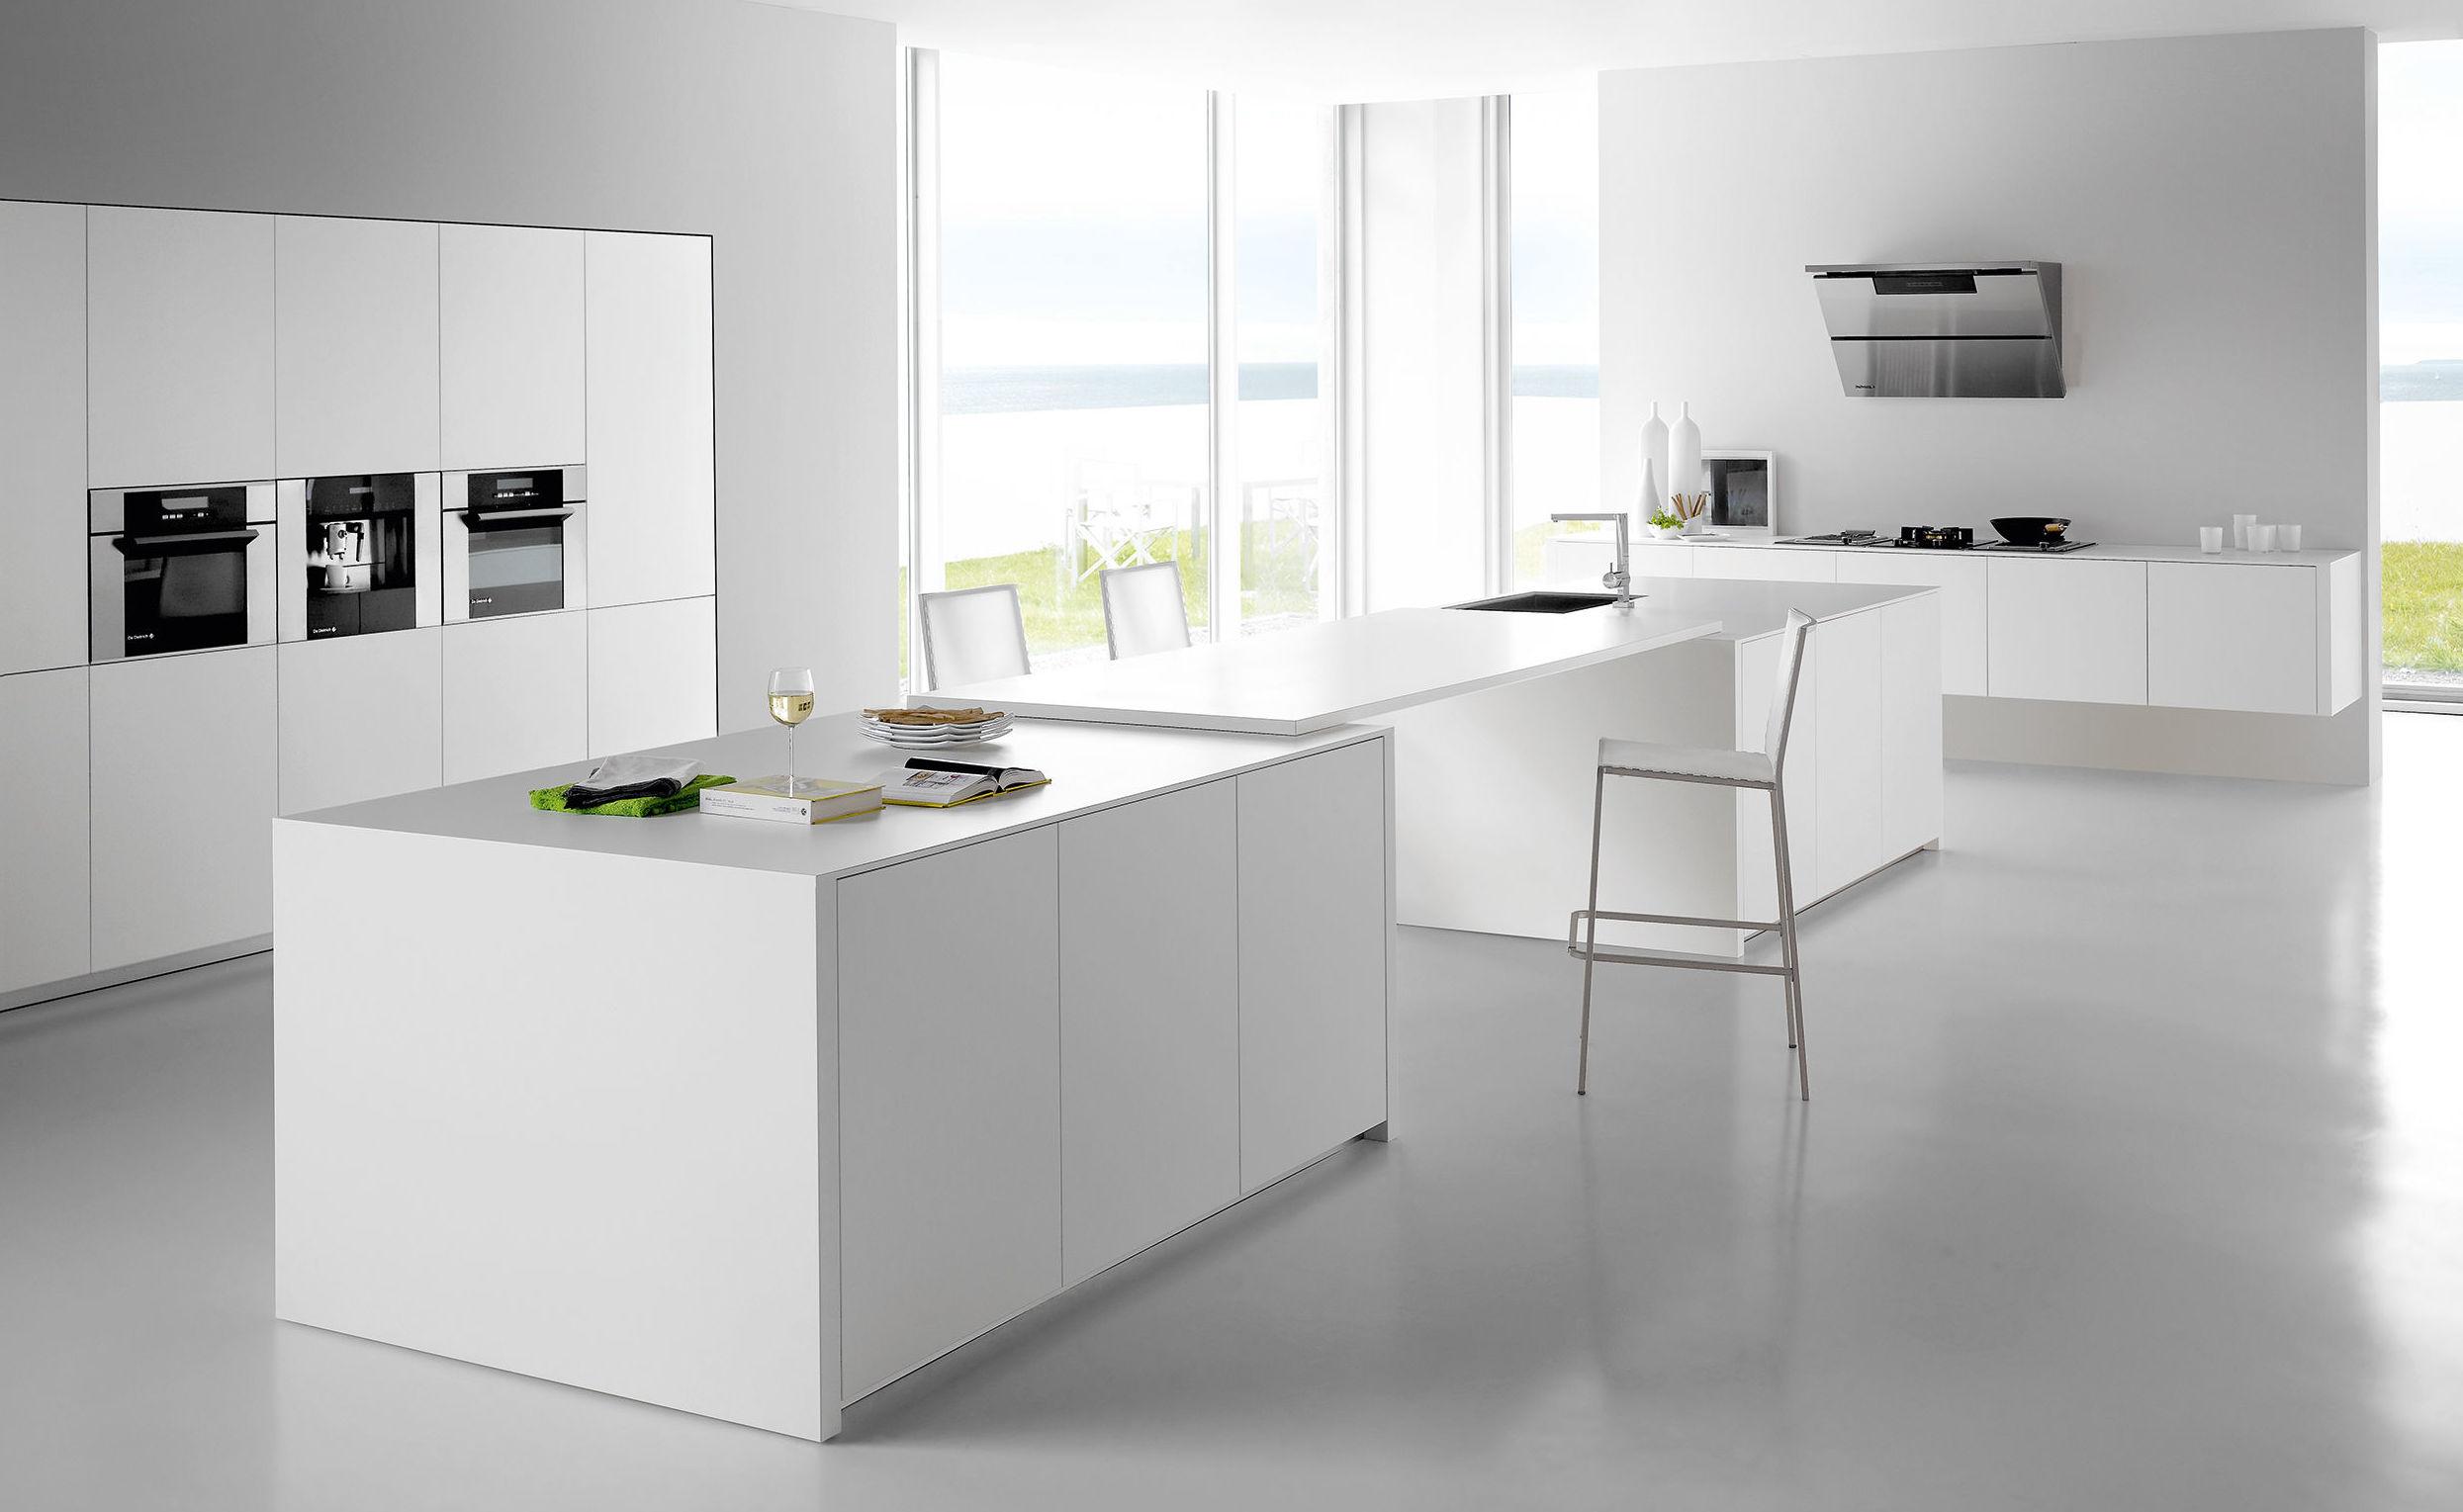 Foto 24 de Muebles de cocina en Sevilla | Passarela Diseño Interiorismo